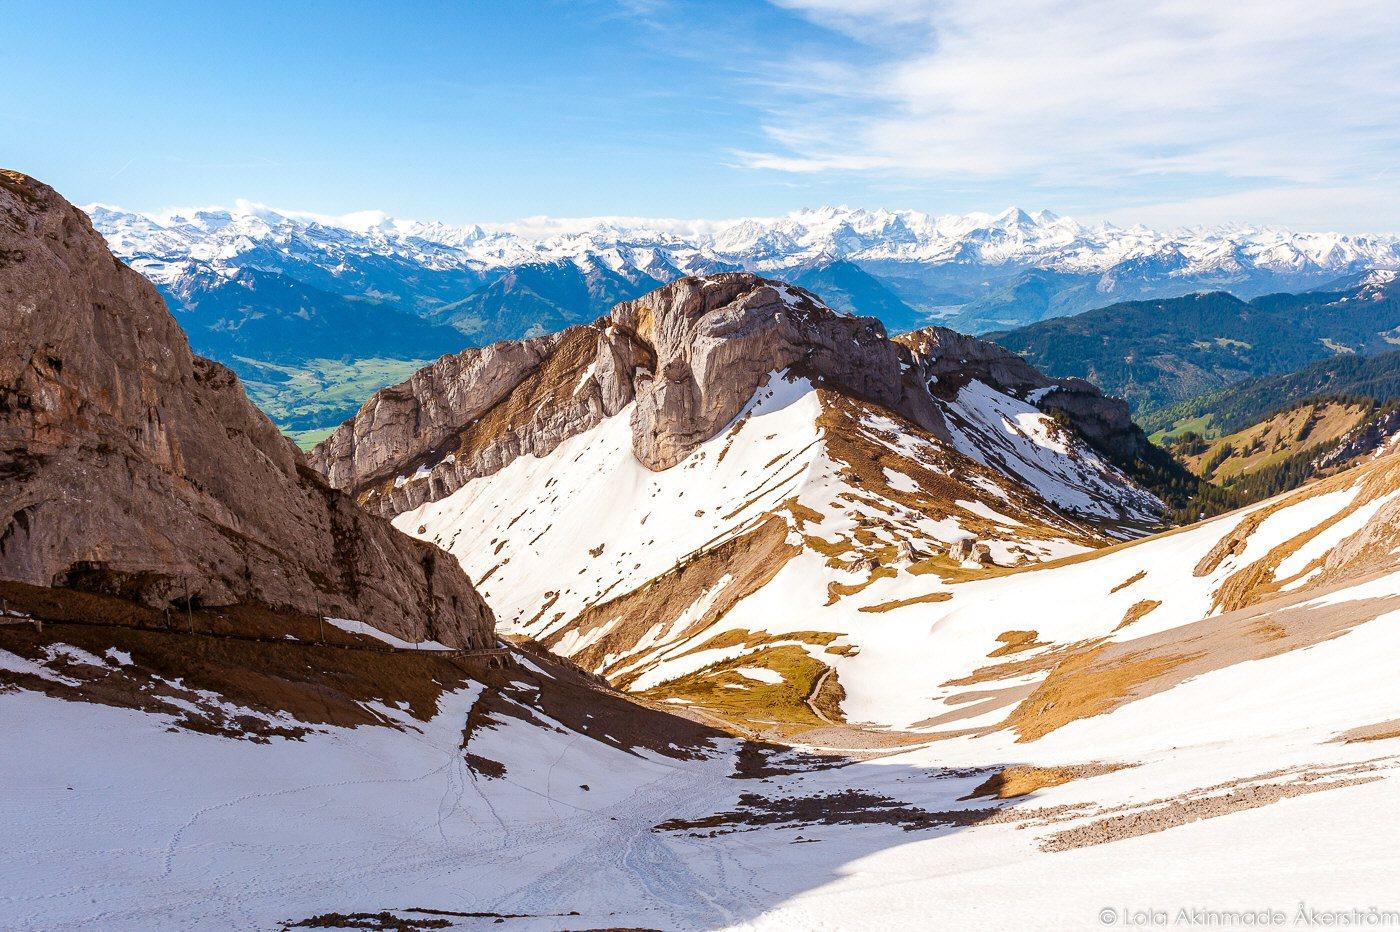 Mt Pilatus Switzerland images